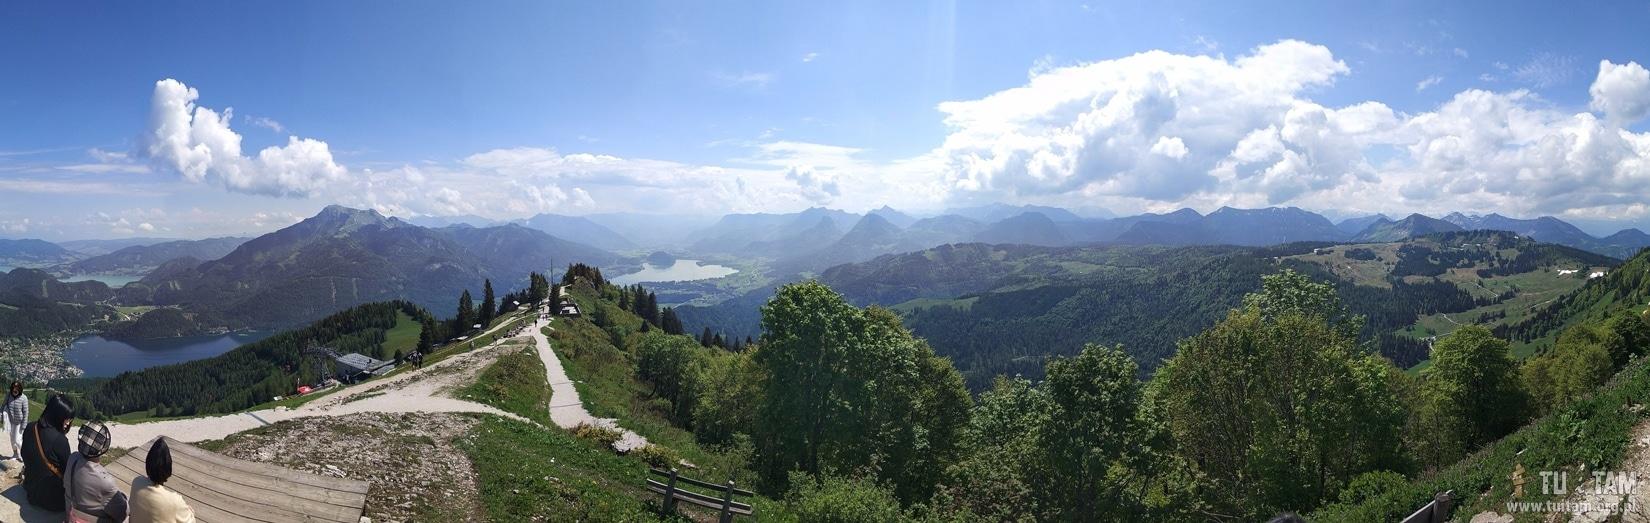 Zwolferhorn, widok z góry